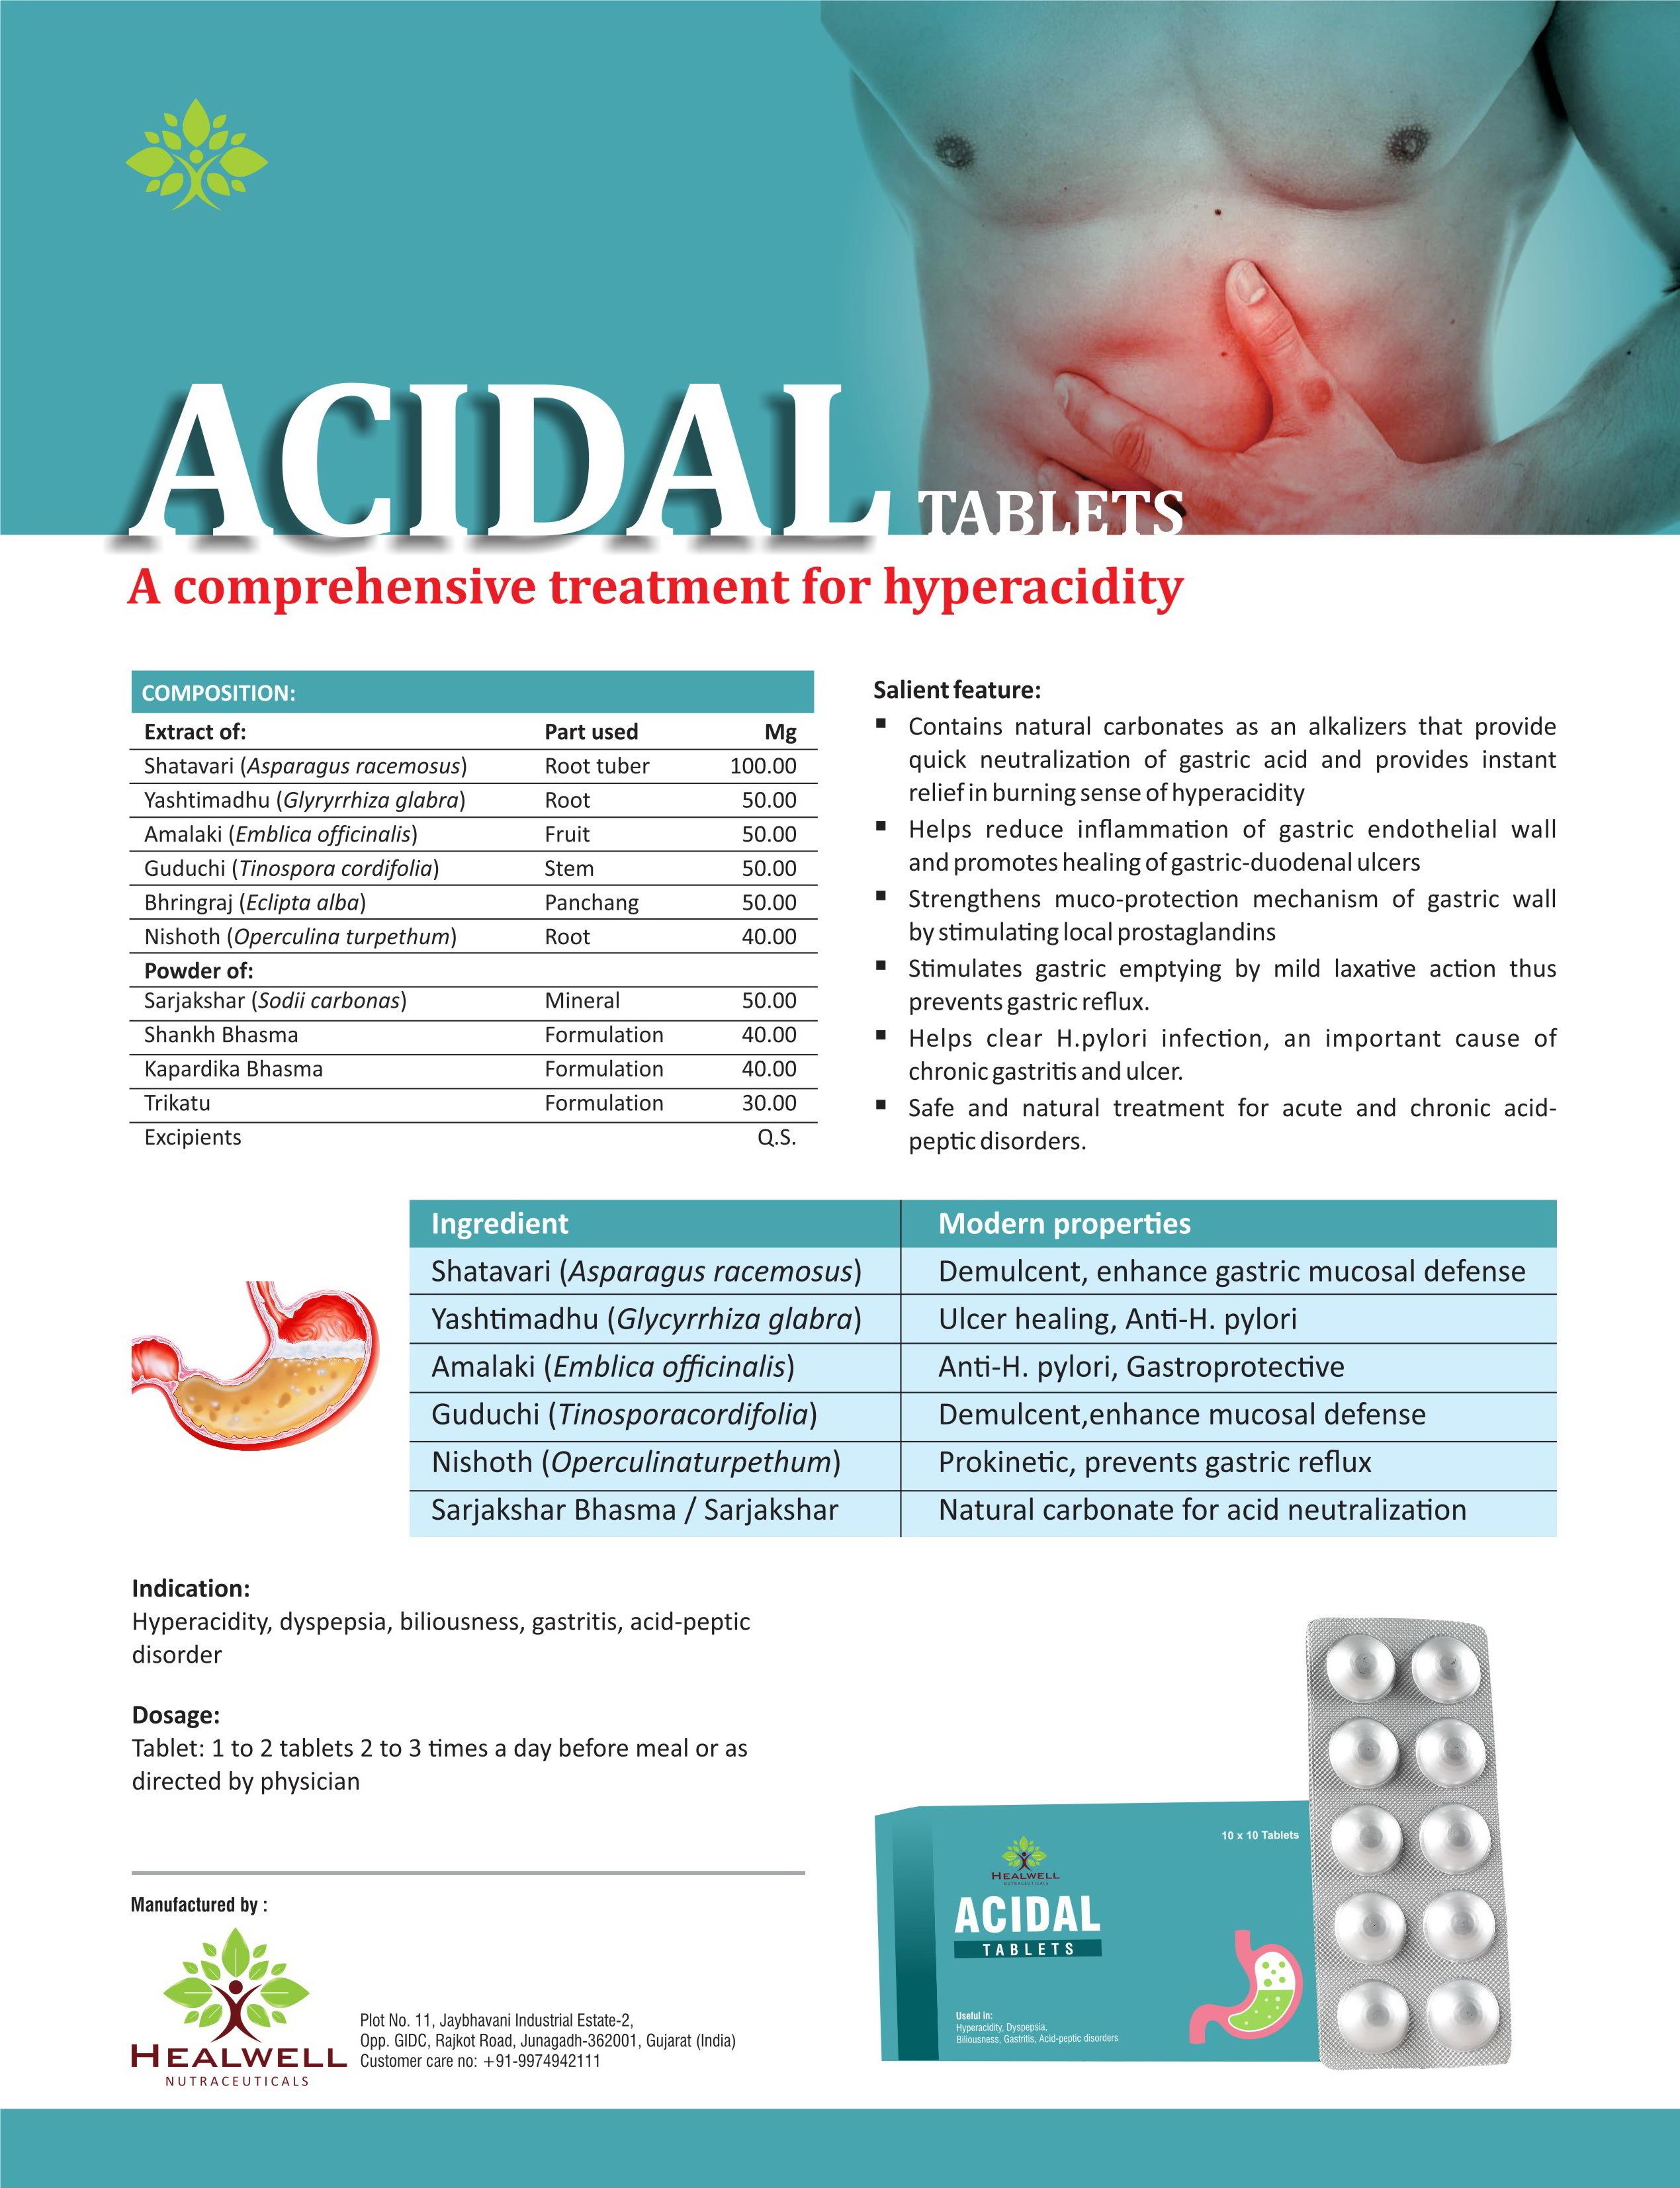 Herbal Acidal Tablets